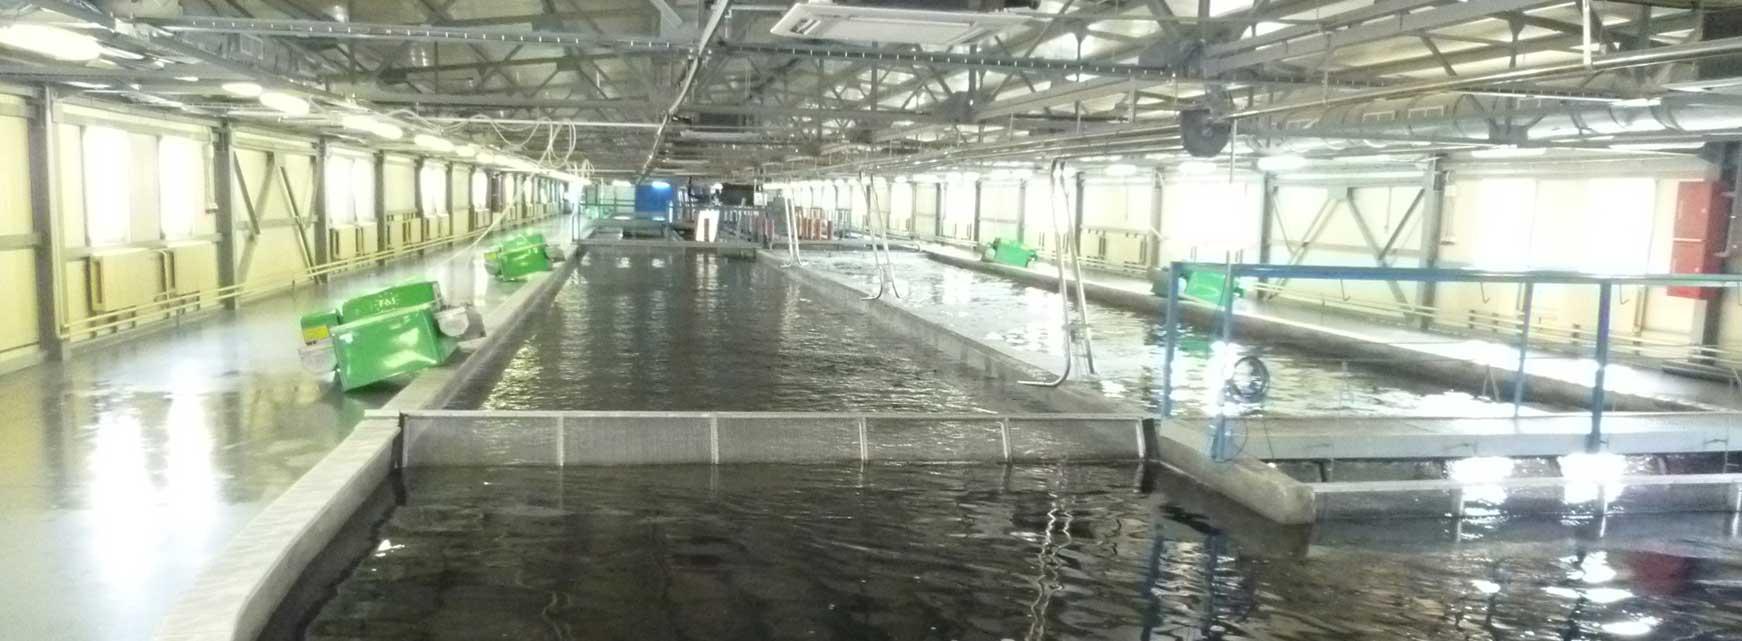 Рыбоводное хозяйство с УЗВ мощностью 300 тонн товарной форели в год